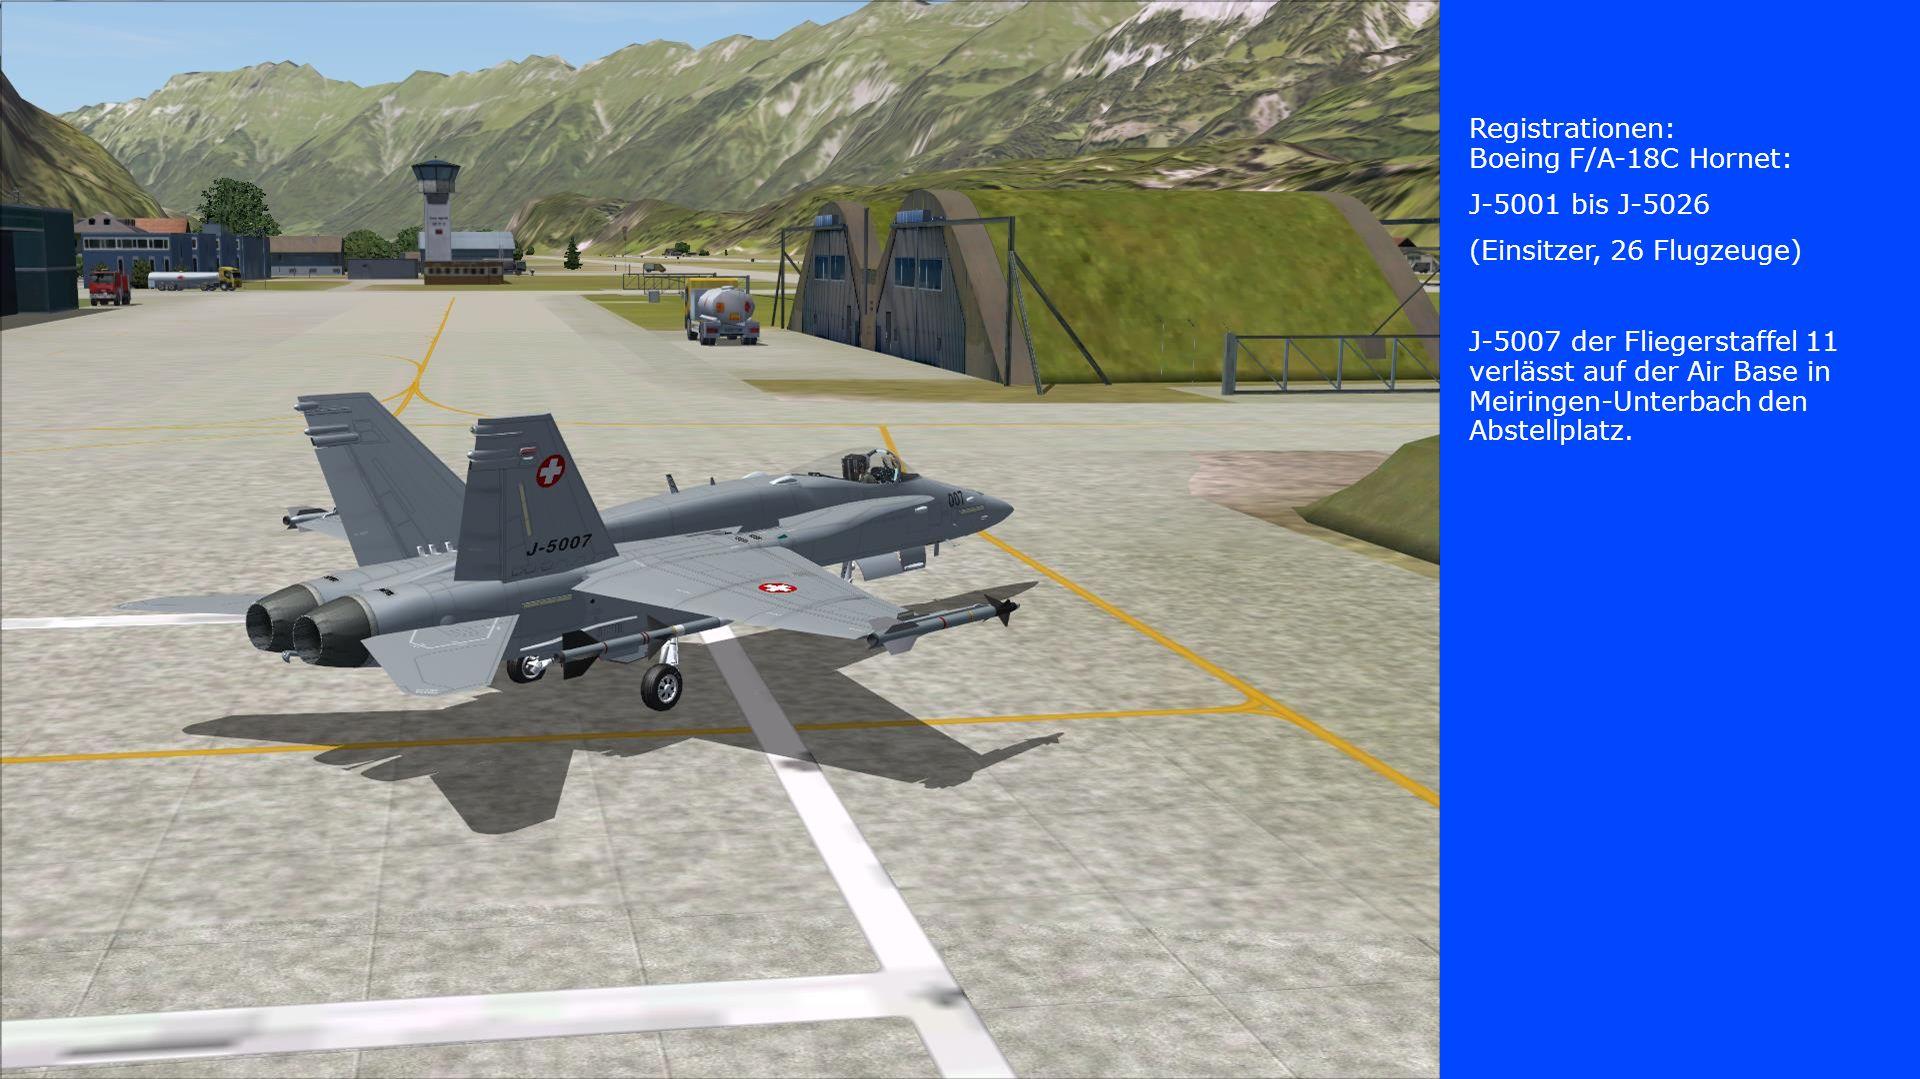 Registrationen: Boeing F/A-18C Hornet: J-5001 bis J-5026 (Einsitzer, 26 Flugzeuge) J-5007 der Fliegerstaffel 11 verlässt auf der Air Base in Meiringen-Unterbach den Abstellplatz.